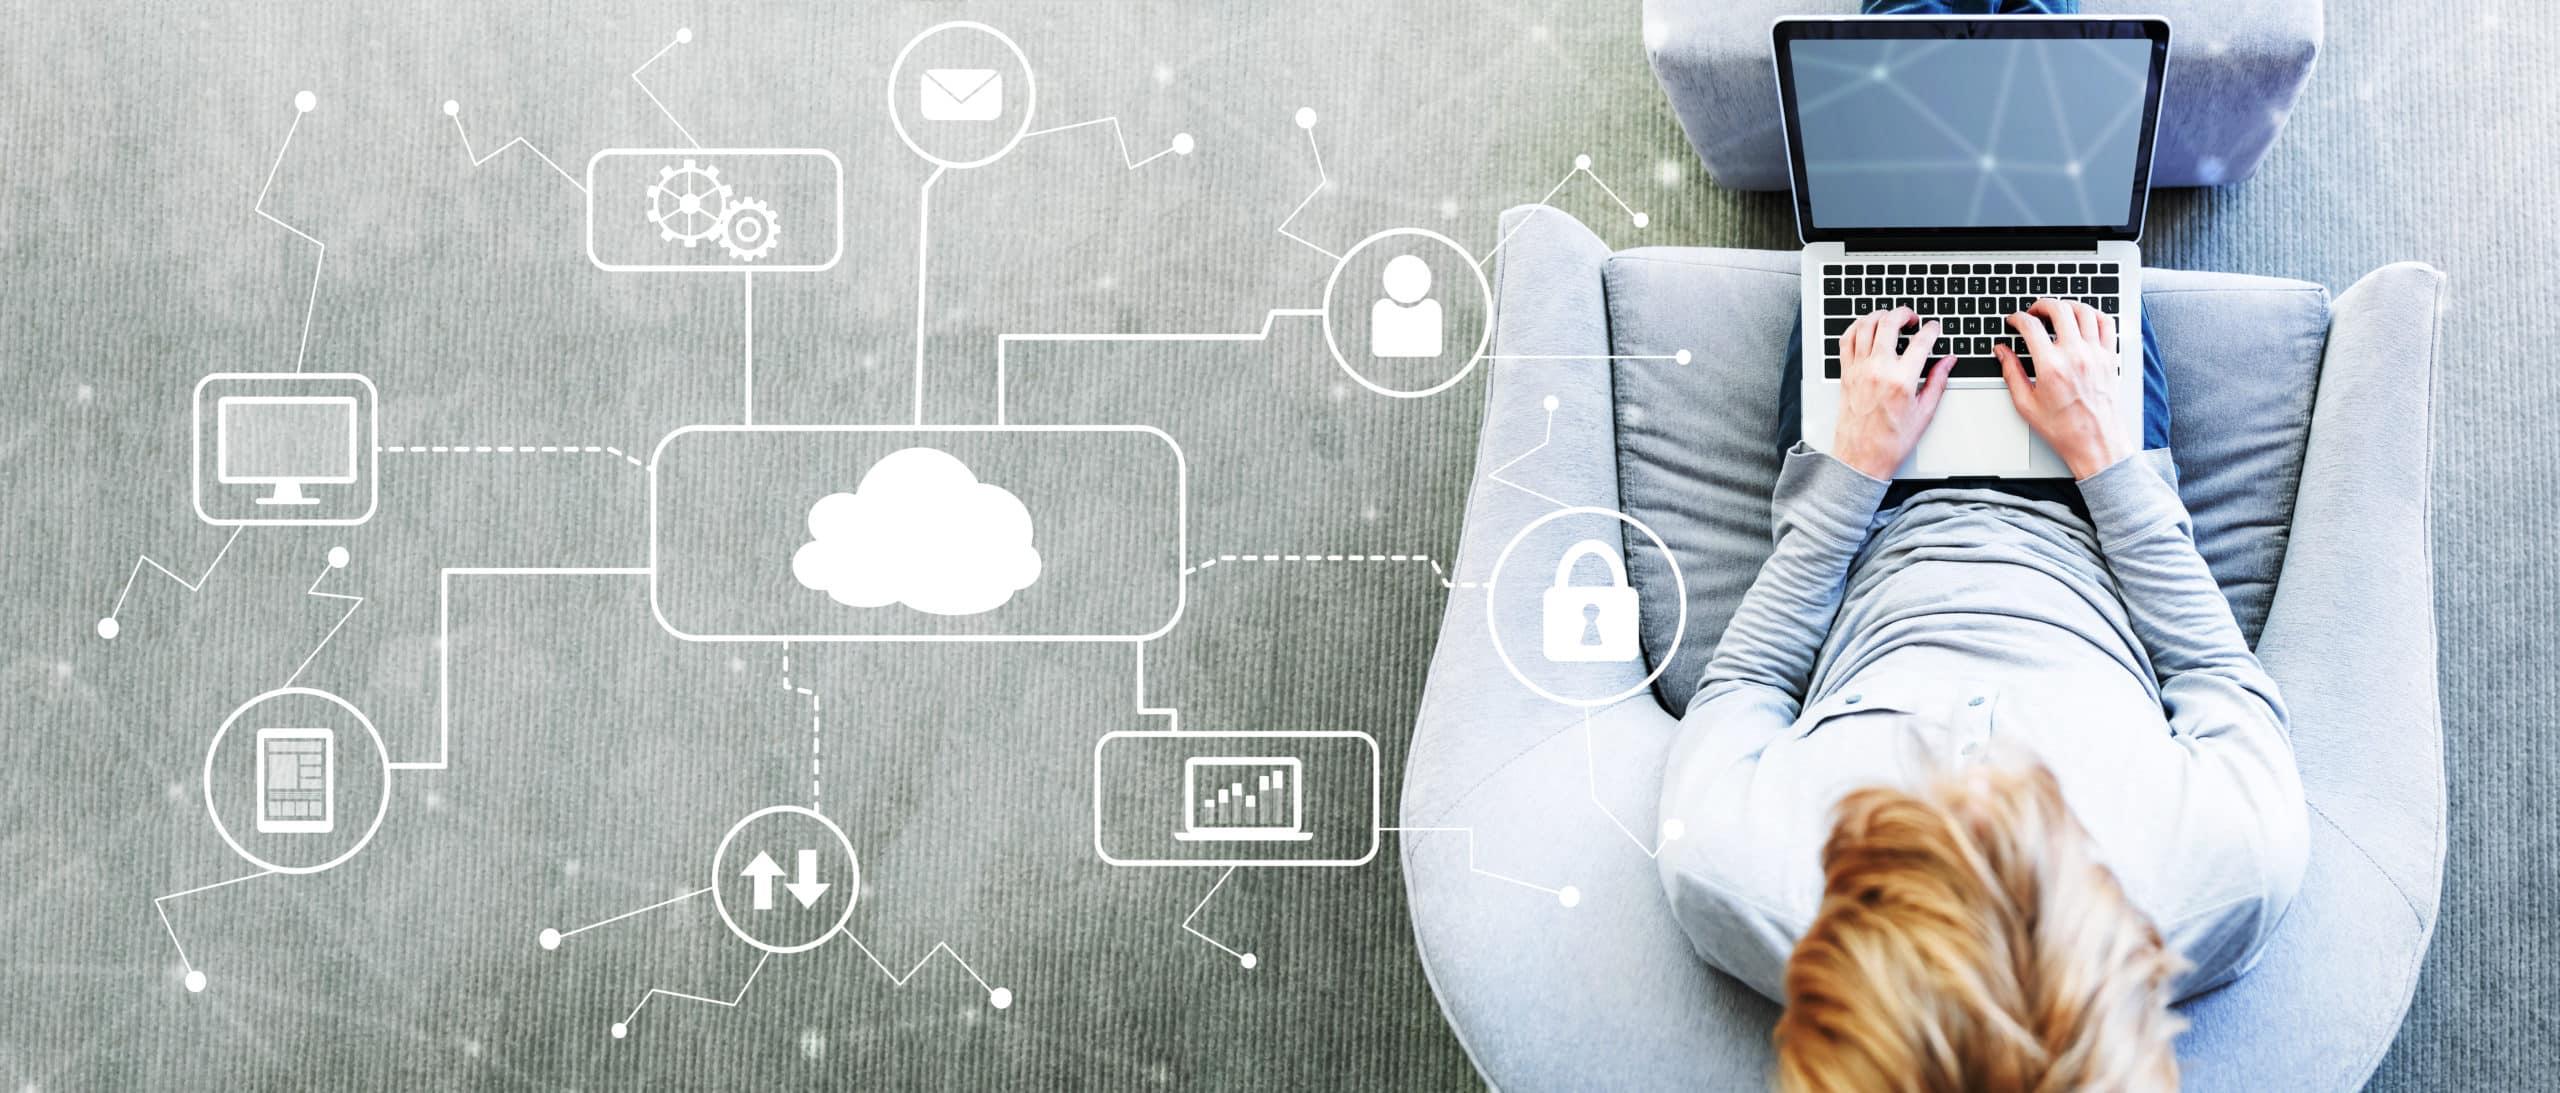 Cloud Computing Tutorials